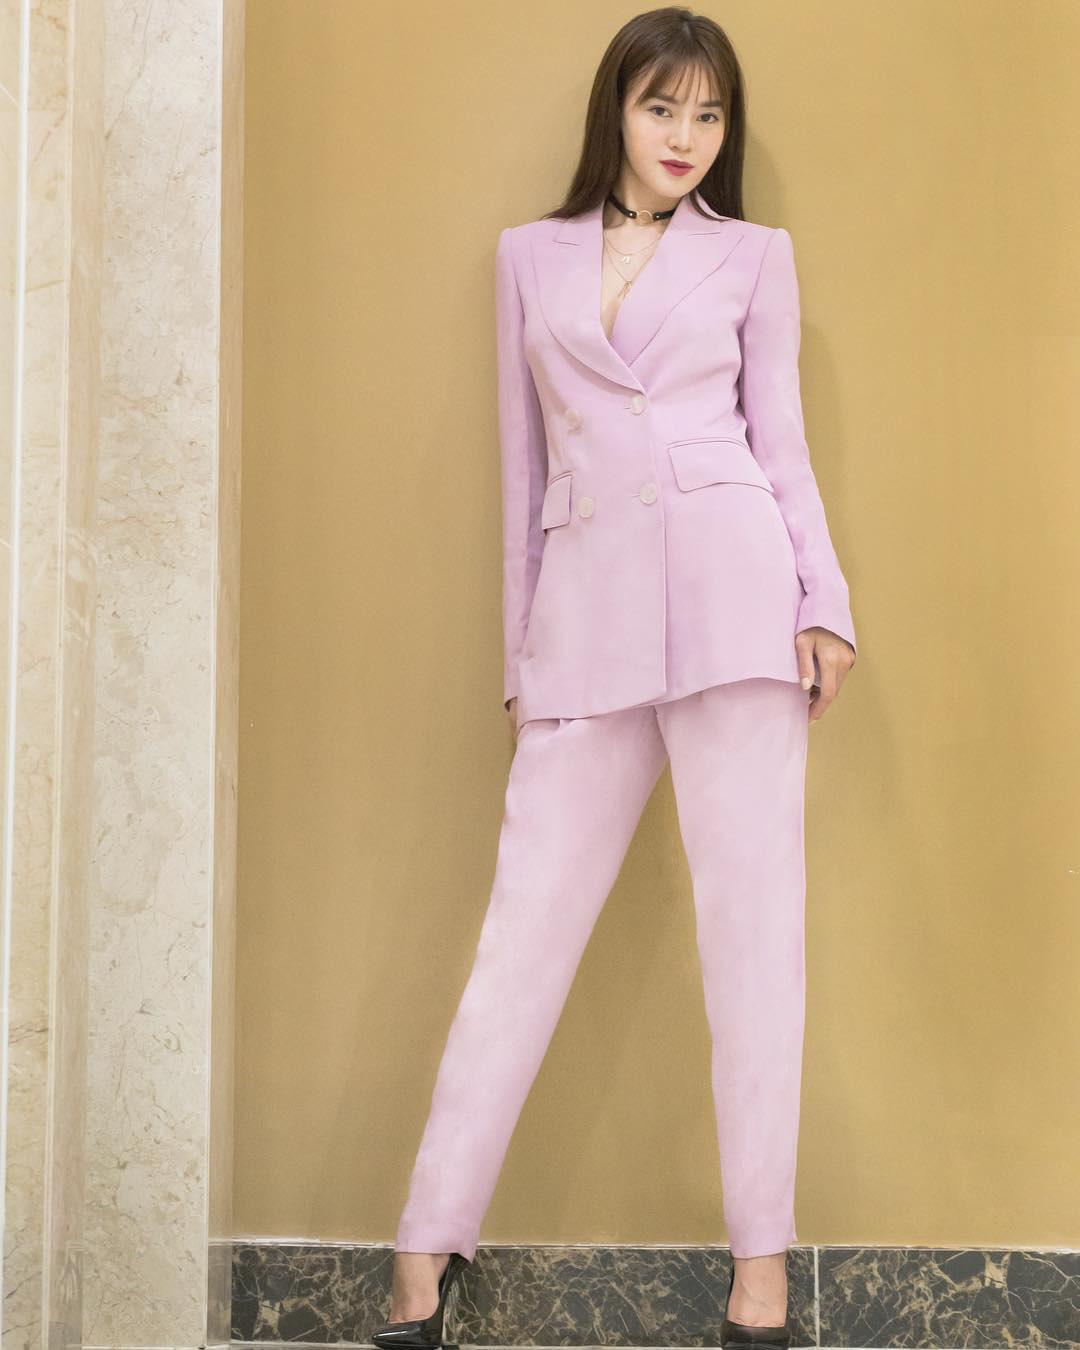 Sao Việt khi diện suit tím hot trend: Người đẹp tinh tế, người sến sẩm; nàng công sở xem cũng rút được khối kinh nghiệm - Ảnh 1.